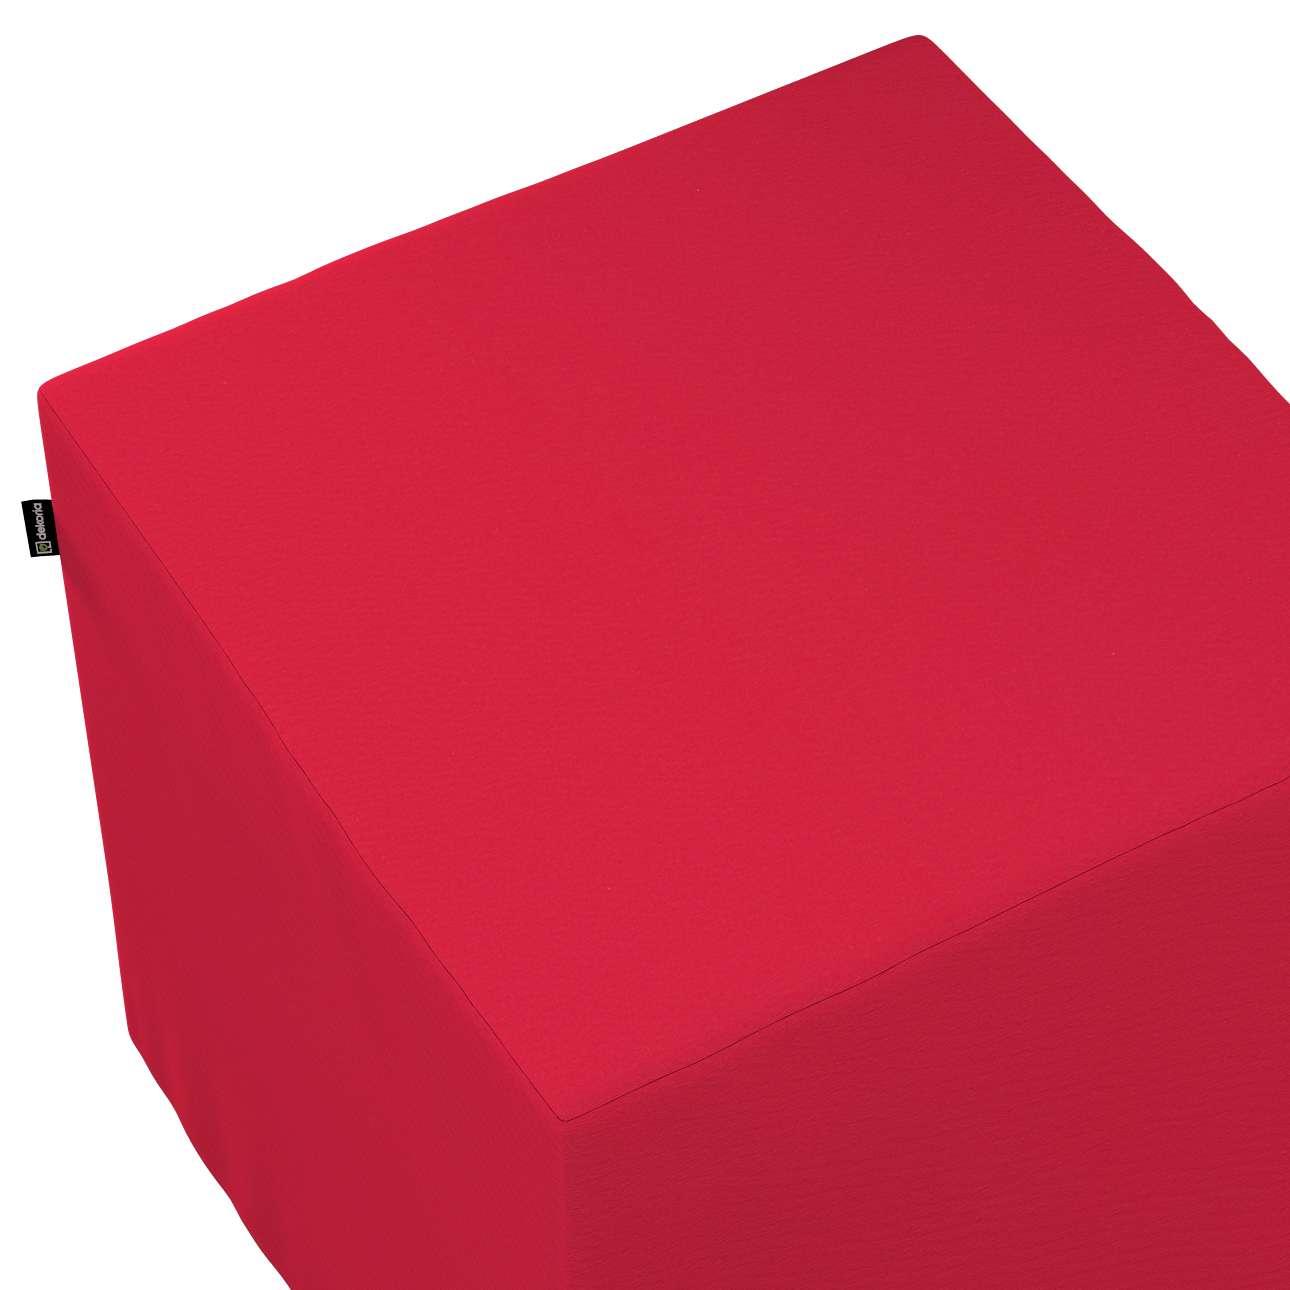 Pokrowiec na pufę kostkę w kolekcji Christmas, tkanina: 136-19